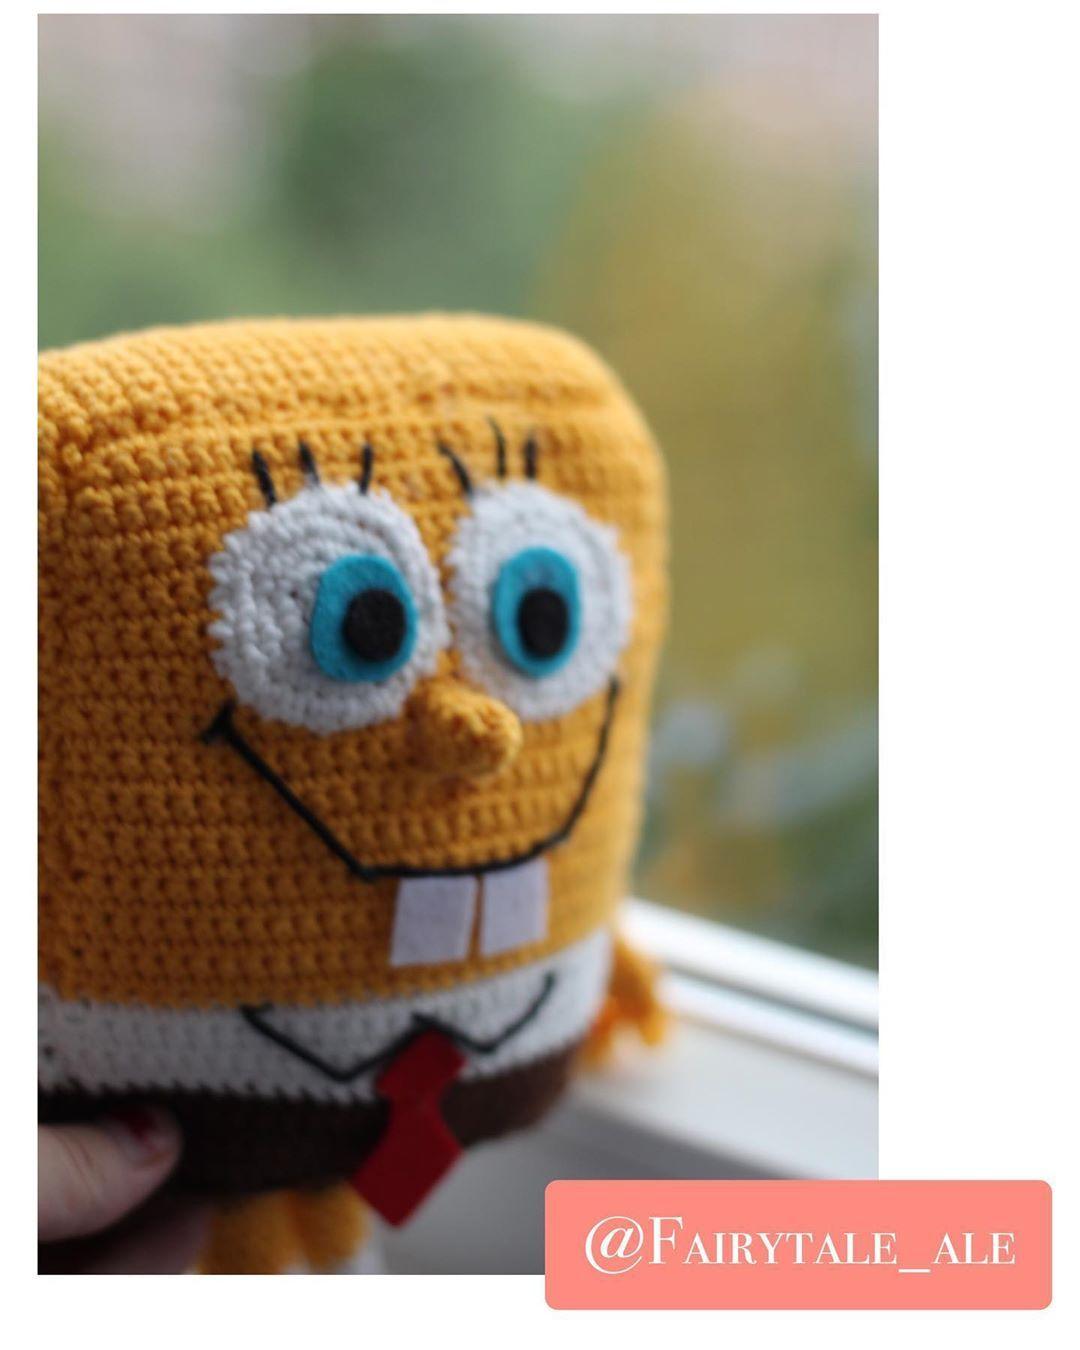 Всем хорошего настроения и ровных петелек. Друзья вяжите, творите и дарите всем отличное настроение  #амигуруми #amigurumi #handmade #ручнаяработа #хендмейд #weamiguru #knitting #вязаниекрючком #вязание #рукоделие #игрушки #игрушкакрючком #пряжа #toys #вязанаяигрушка #интерьернаяигрушка #вяжутнетолькобабушки #вязаныеигрушки #amigurumilove #подаркивсем #зверикрючком #мягкаяигрушка #игрушкиручнойработы #детям #вяжусдушой #связаноруками #игрушкадлядетей #чтоподарить #лиса #crochet